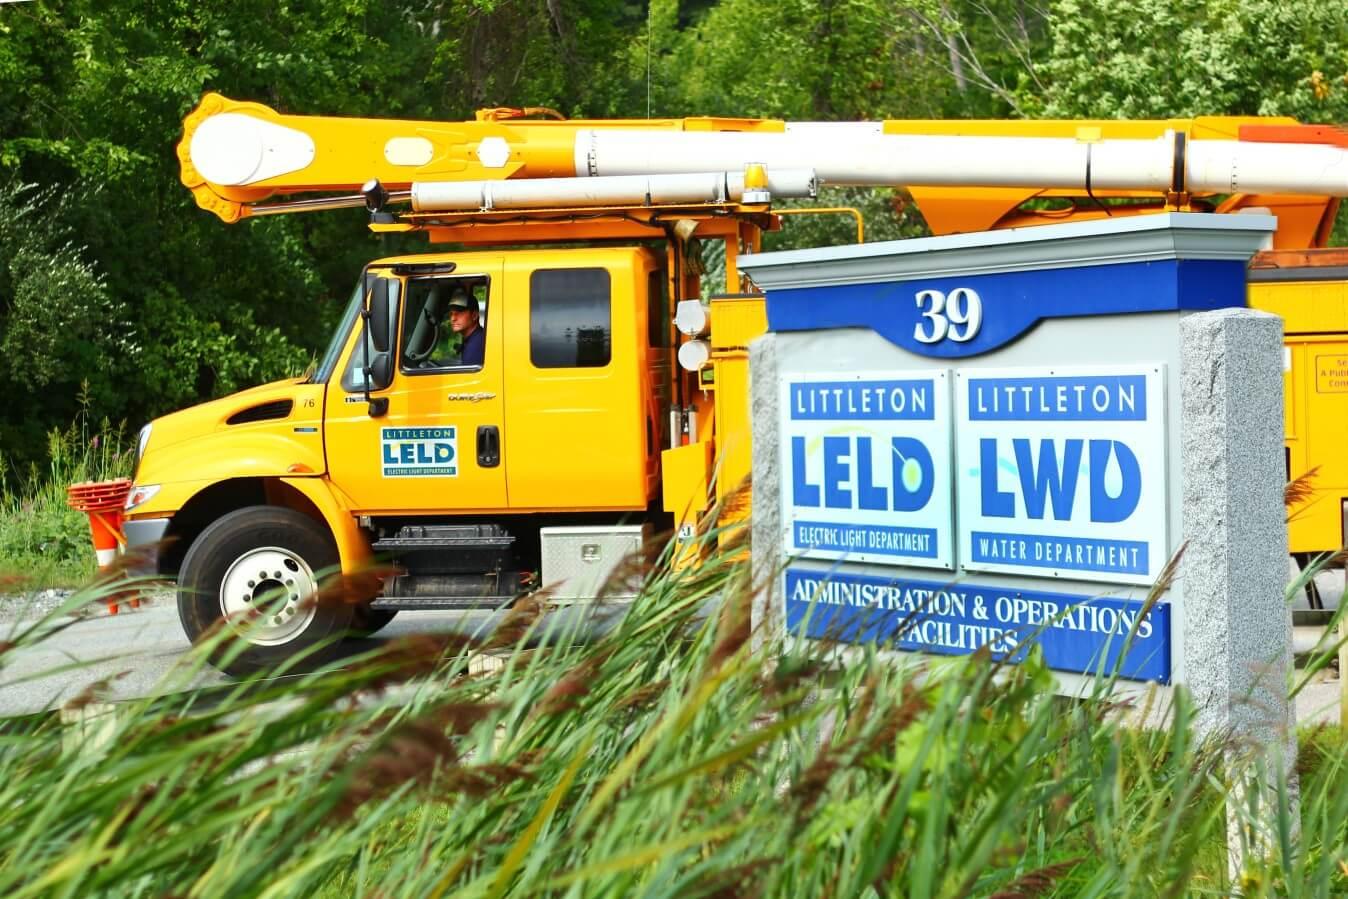 Littleton Electric Light & Water Departments | Littleton LELWD